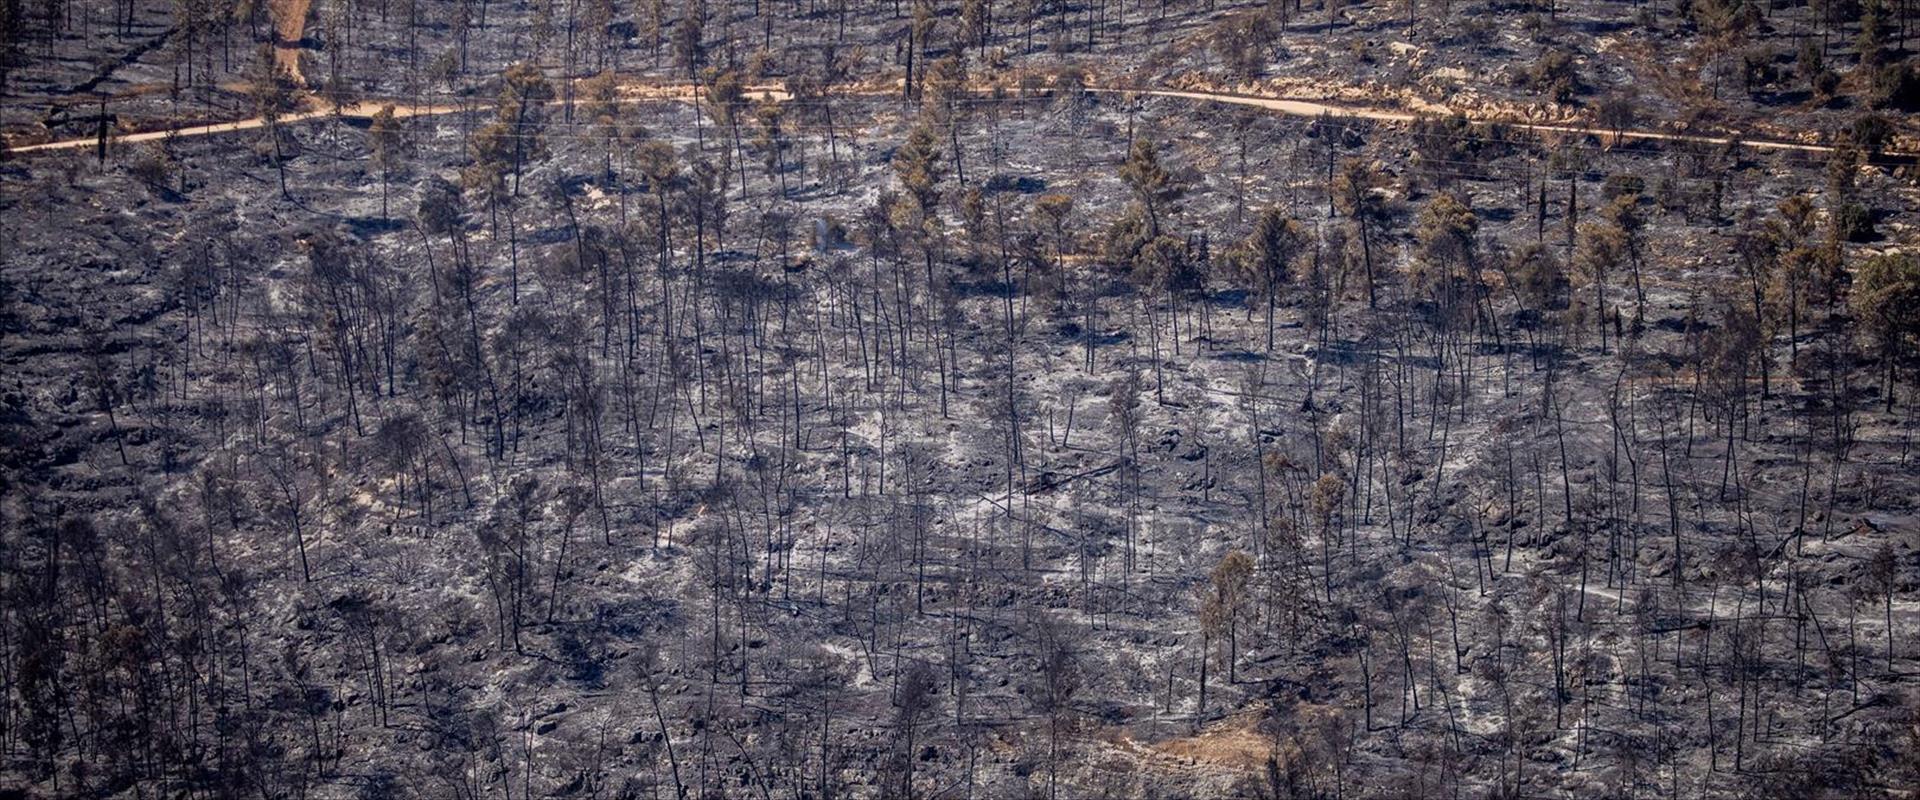 הרי ירושלים לאחר שריפת הענק